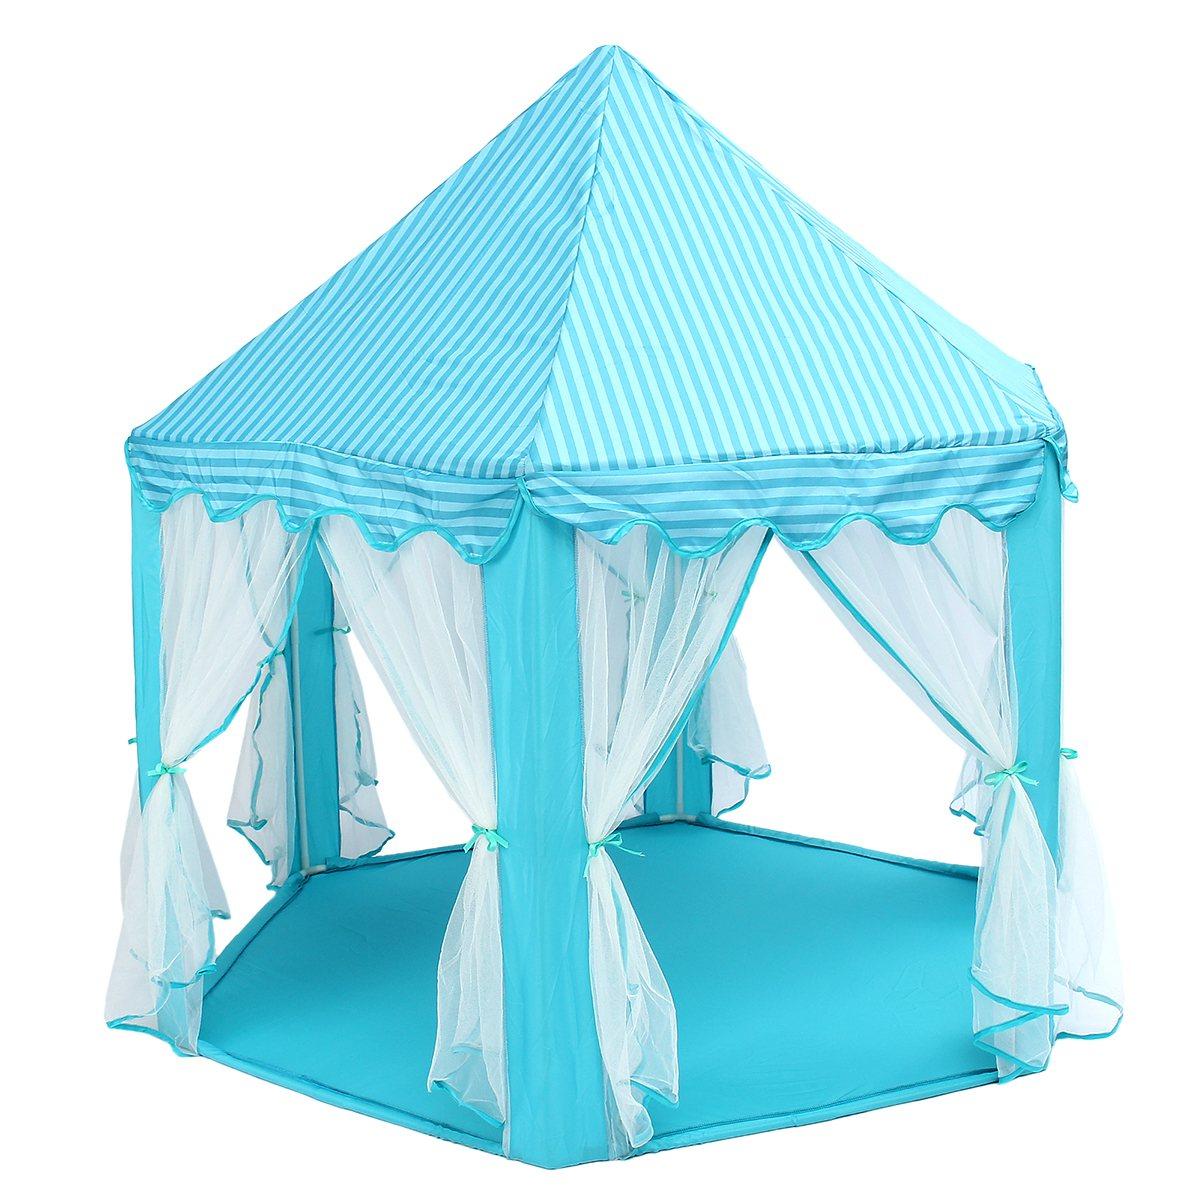 Синий, зеленый, розовый Замок принцессы играть палатки активности Сказочный домик весело театр пляж палатка ребенок играет игрушка подарок...